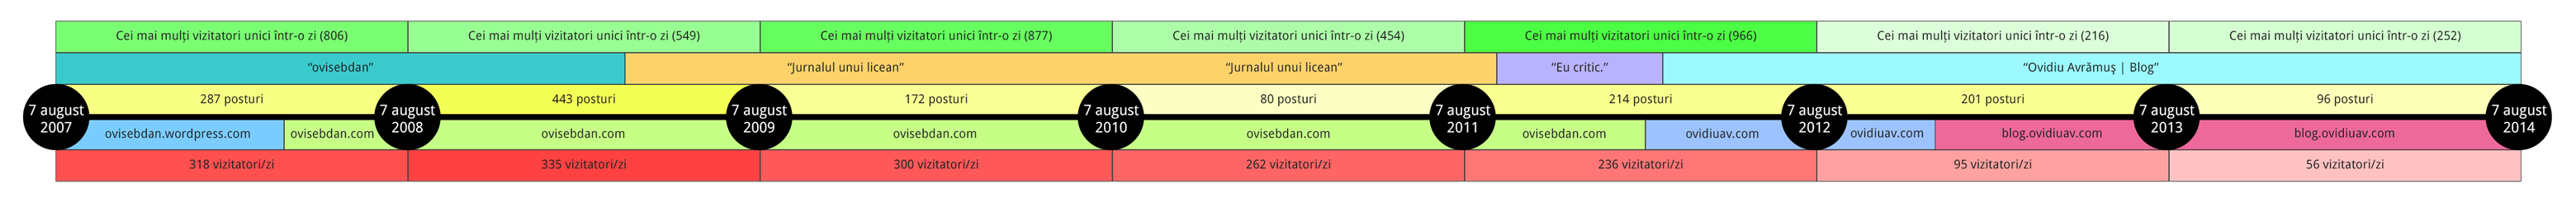 blog-timeline-2014